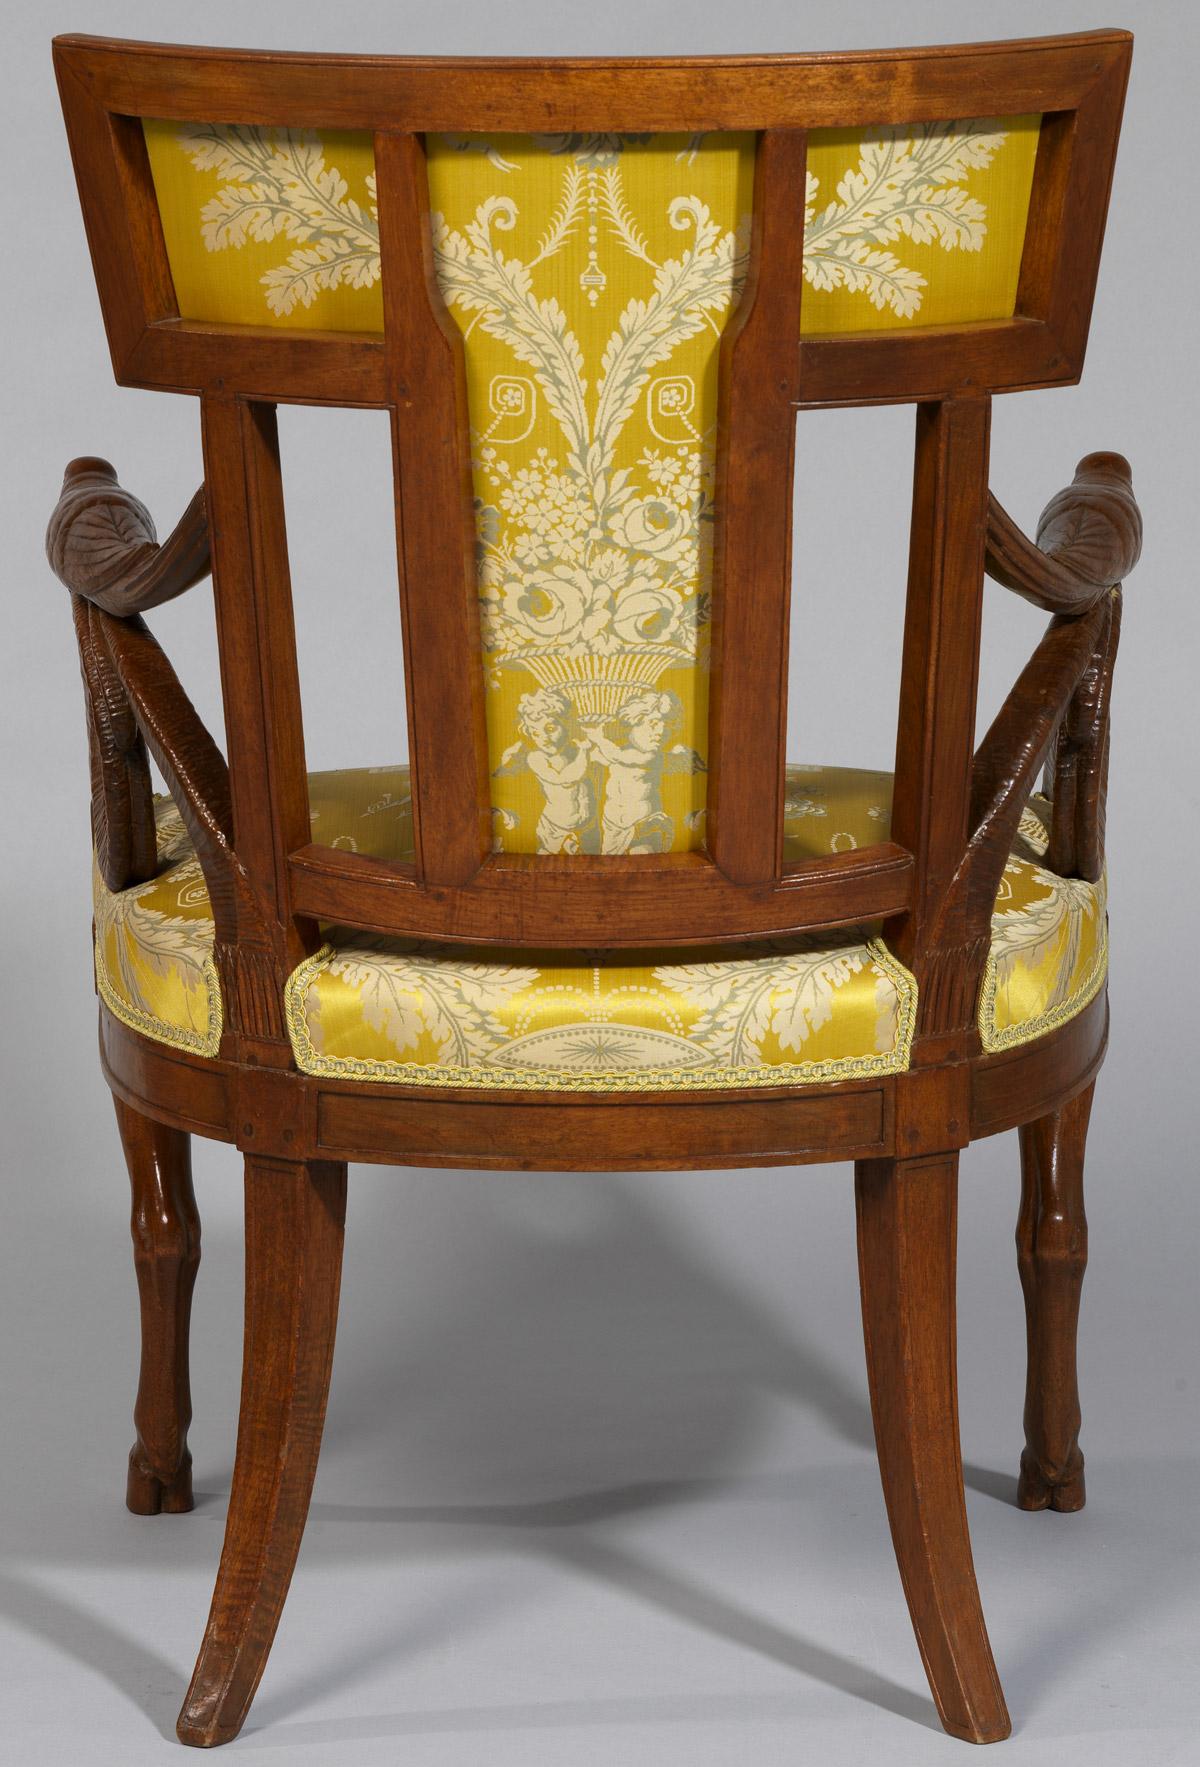 Paire de fauteuils Directoire - Patrimoine Charles-André COLONNA WALEWSKI, en ligne directe de Napoléon